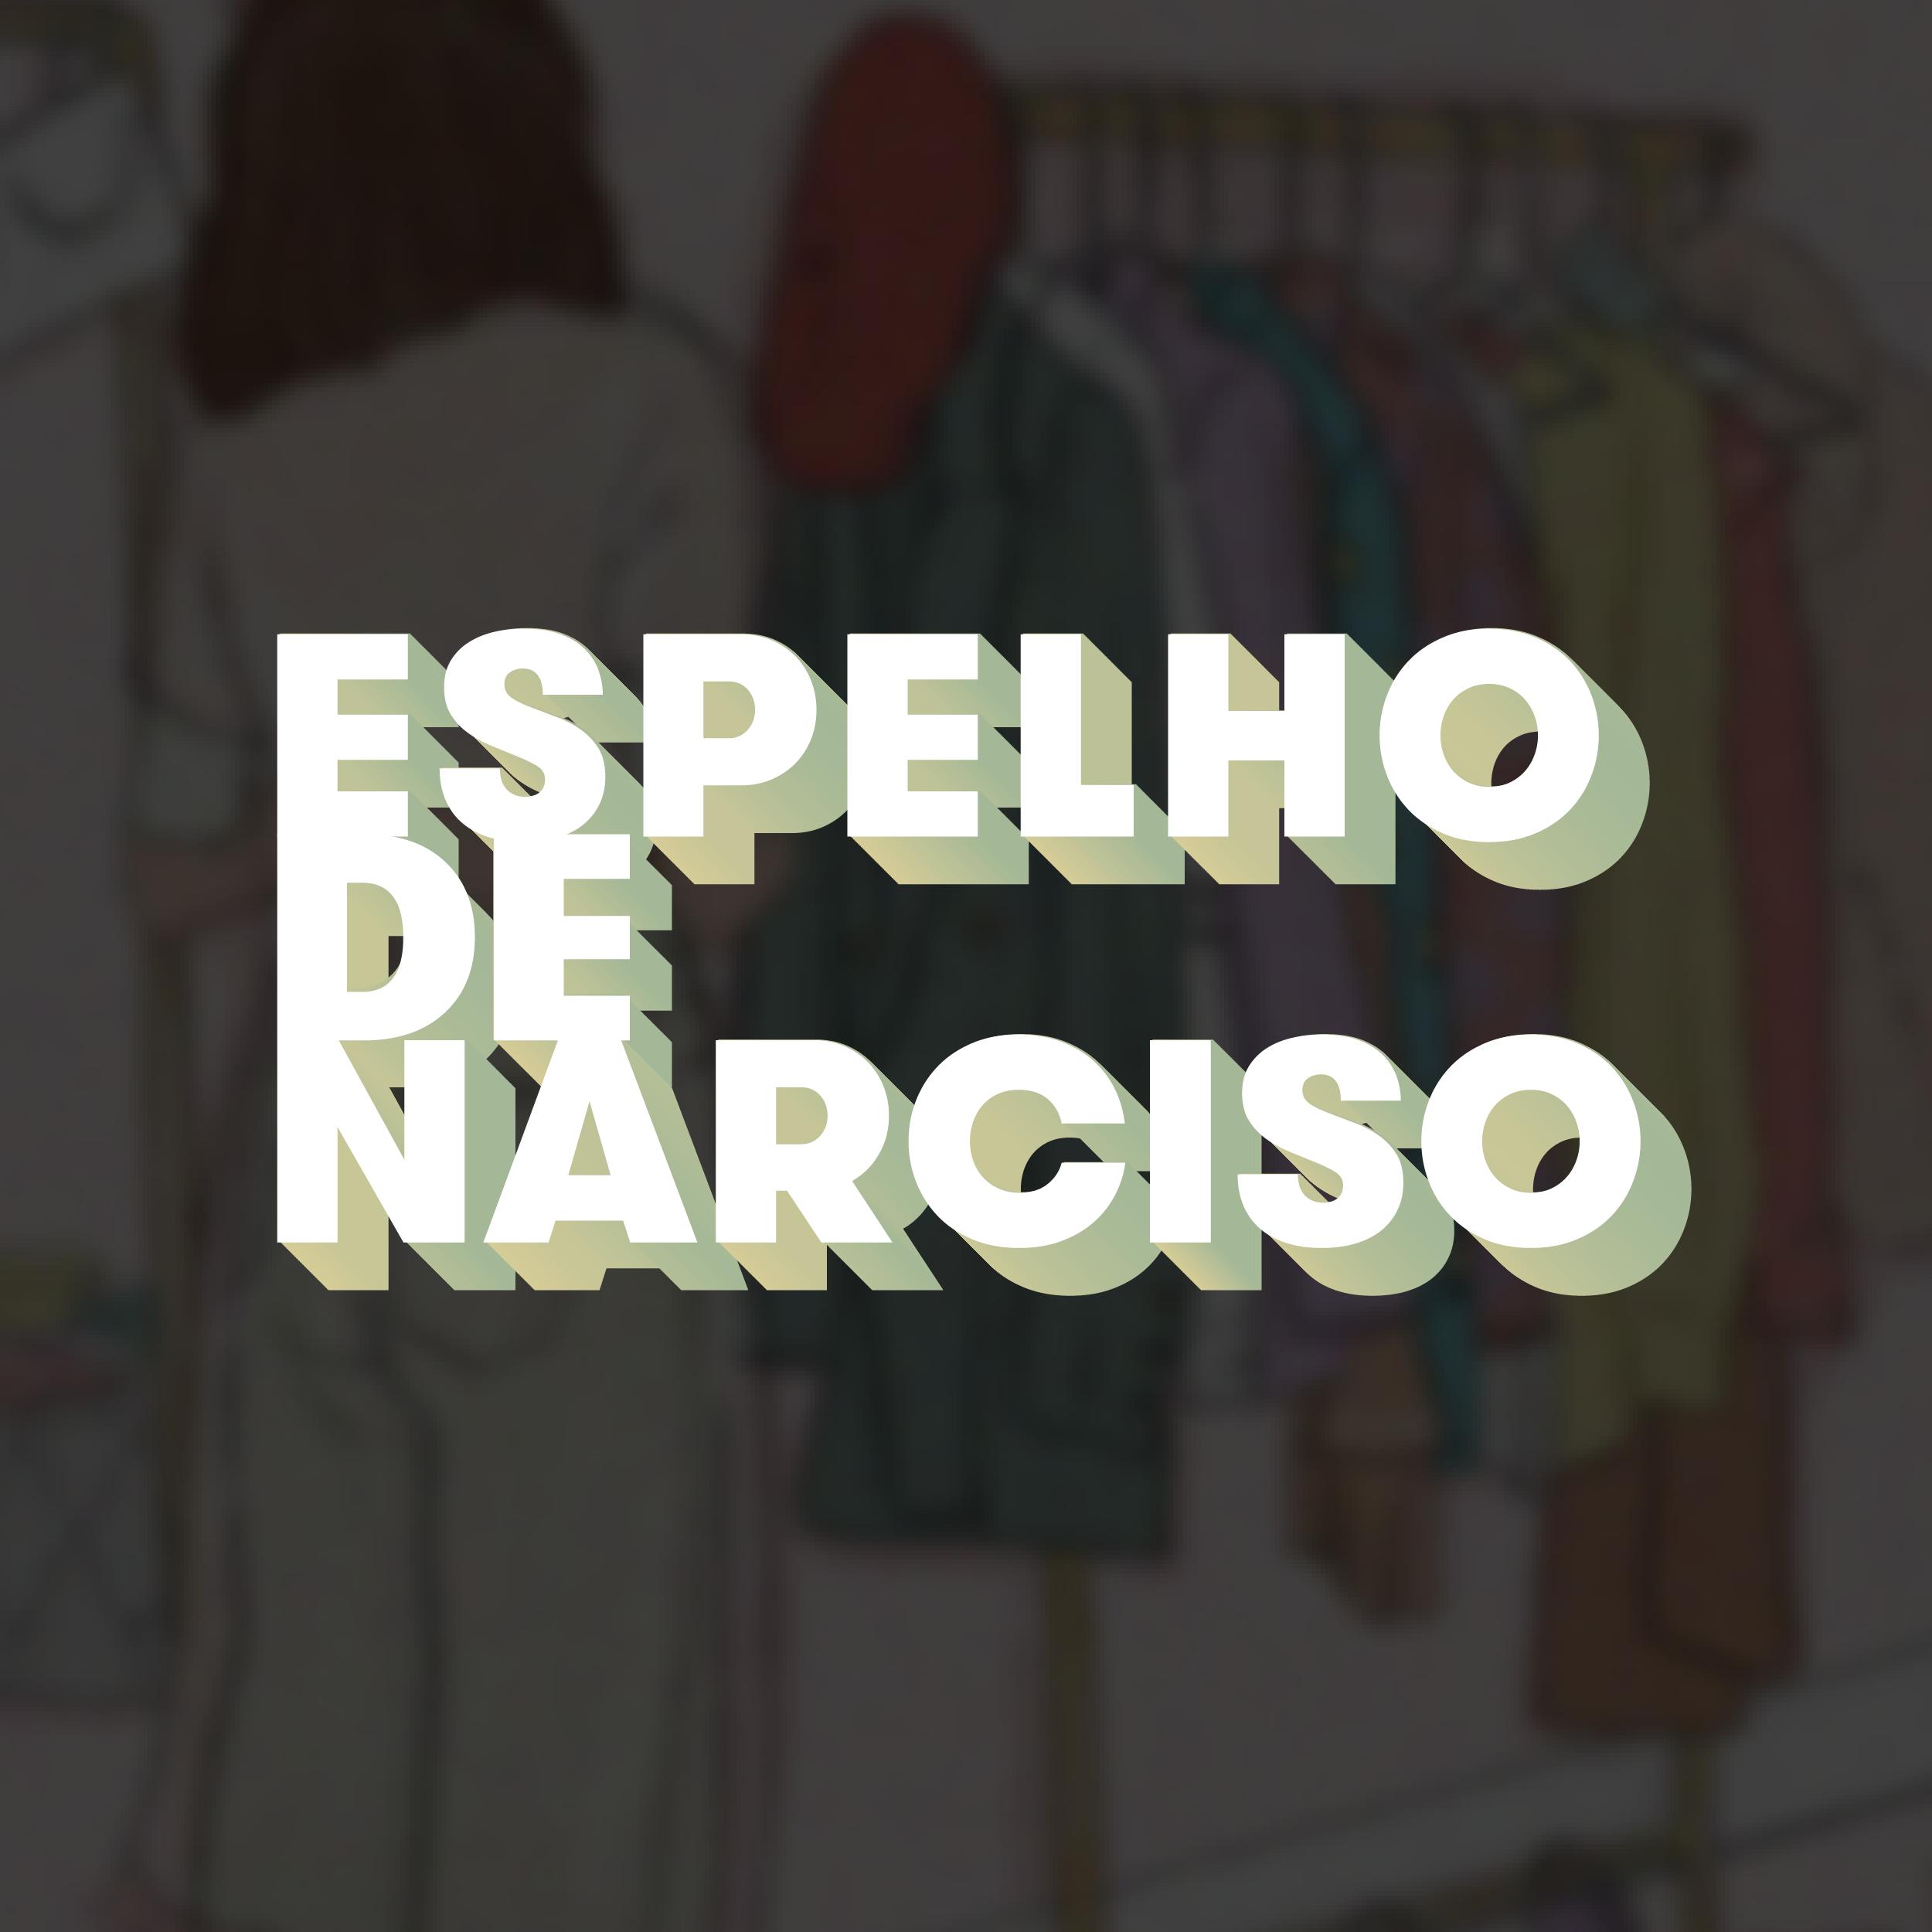 NARCISO_12_04_2021